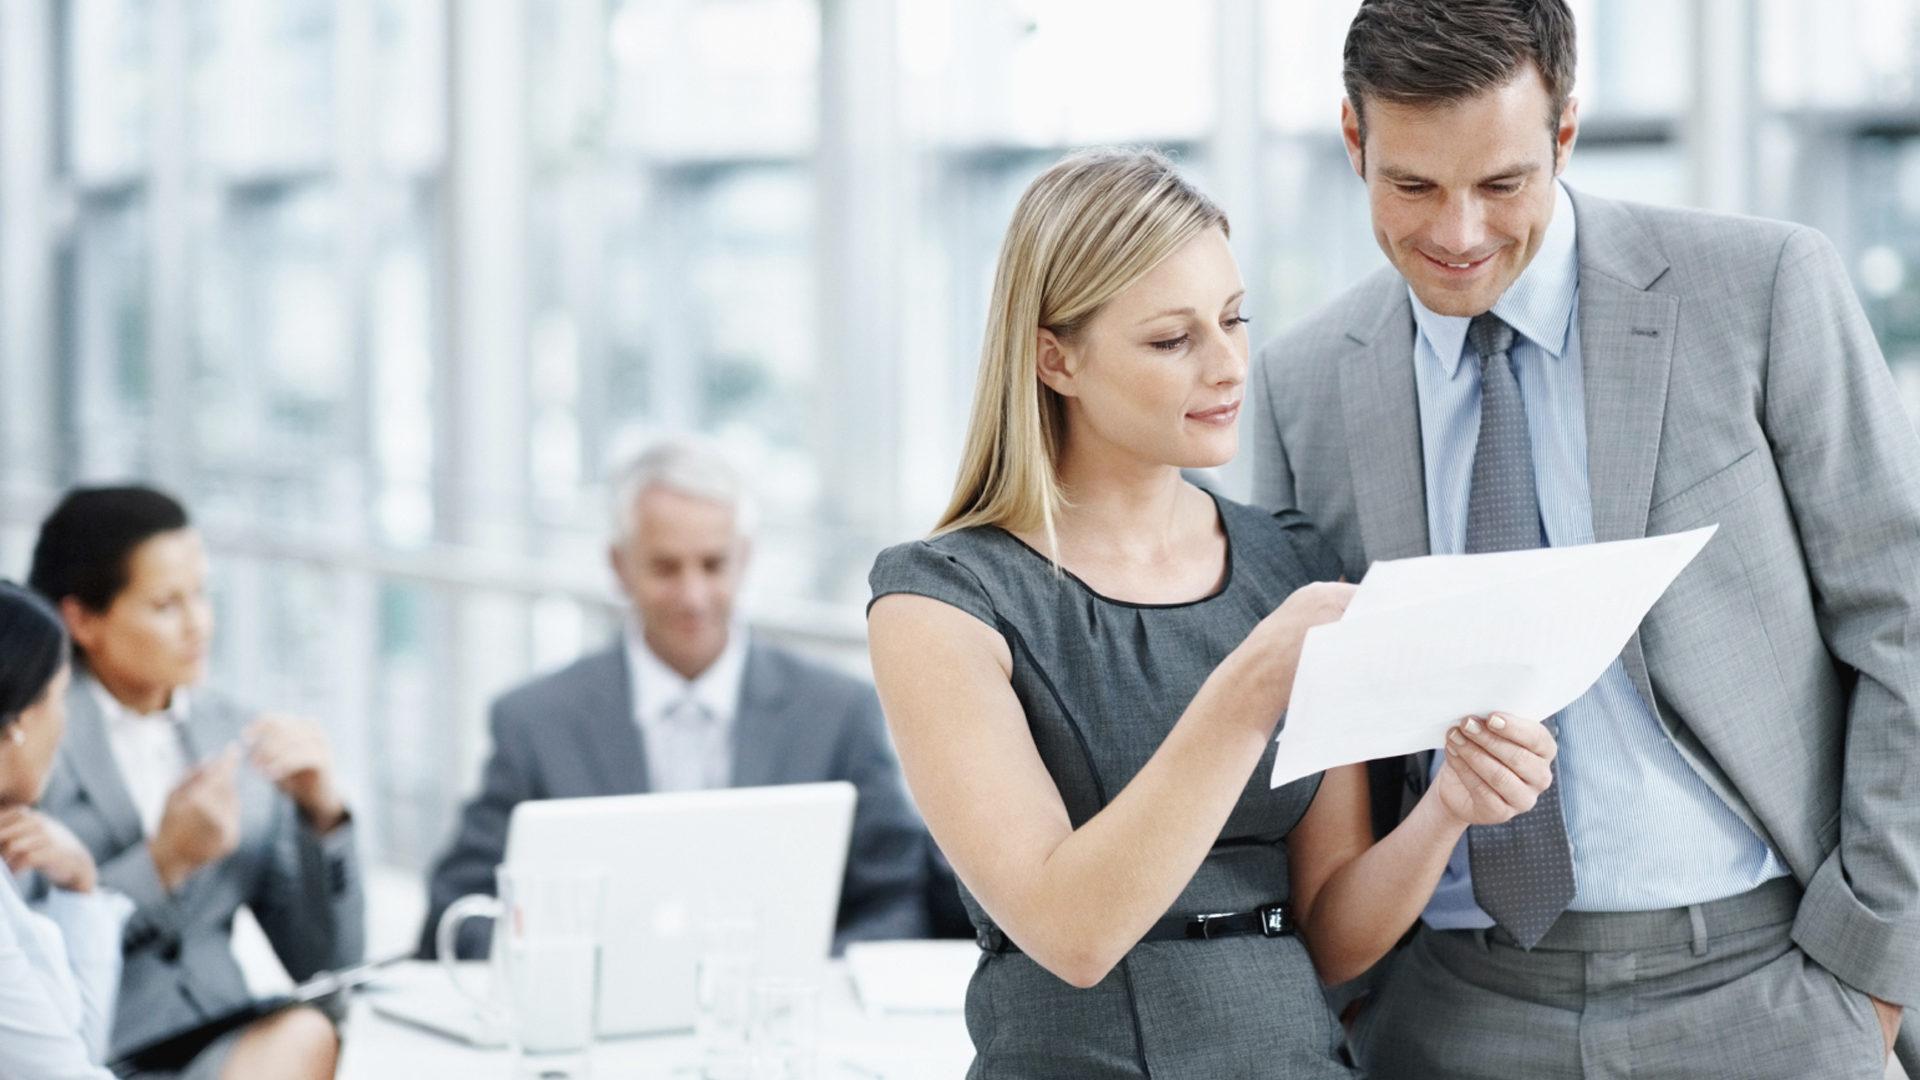 Как можно узнать счета должника физического лица? Куда обратиться за помощью? Особенности процесса получения банковских данных о неплательщике